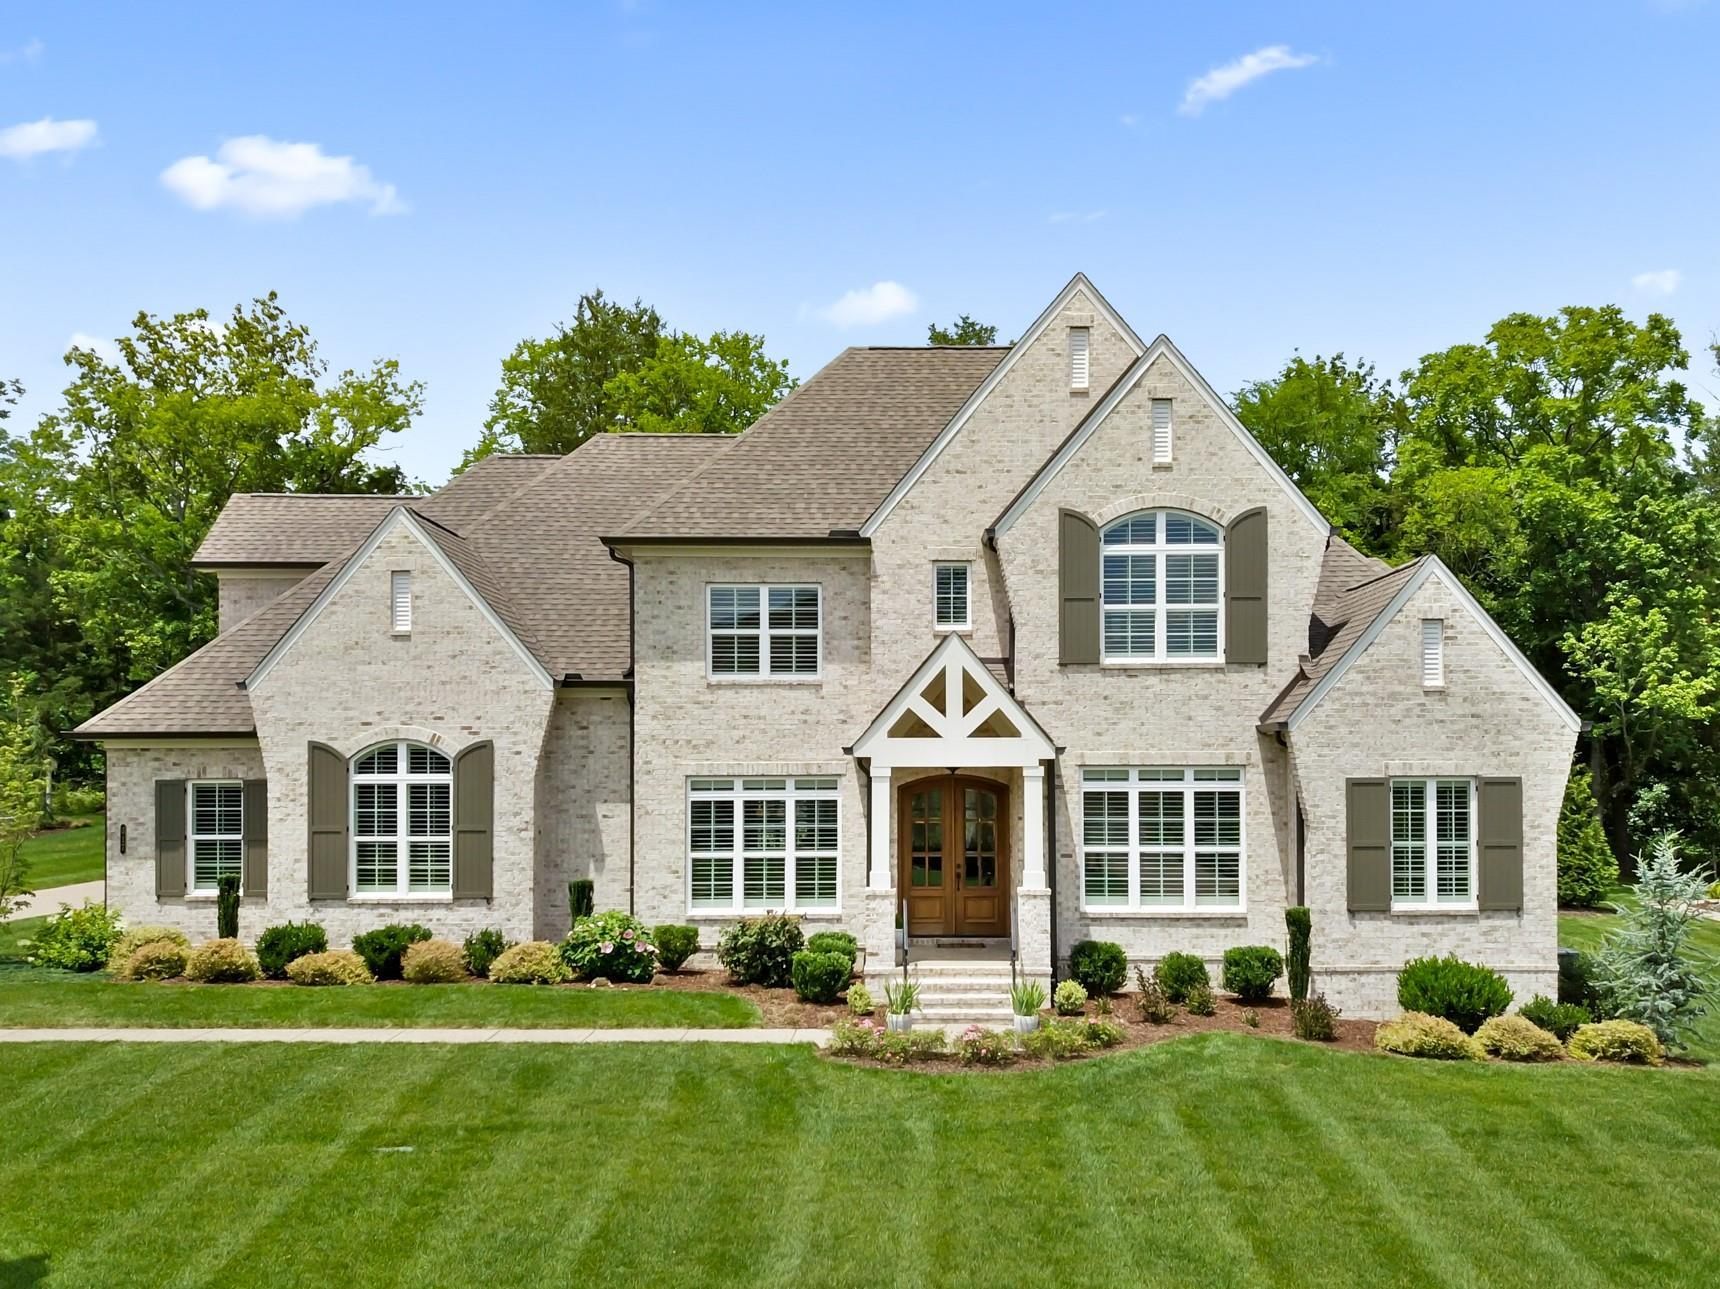 317 Conoga Dr, Nolensville, TN 37135 - Nolensville, TN real estate listing